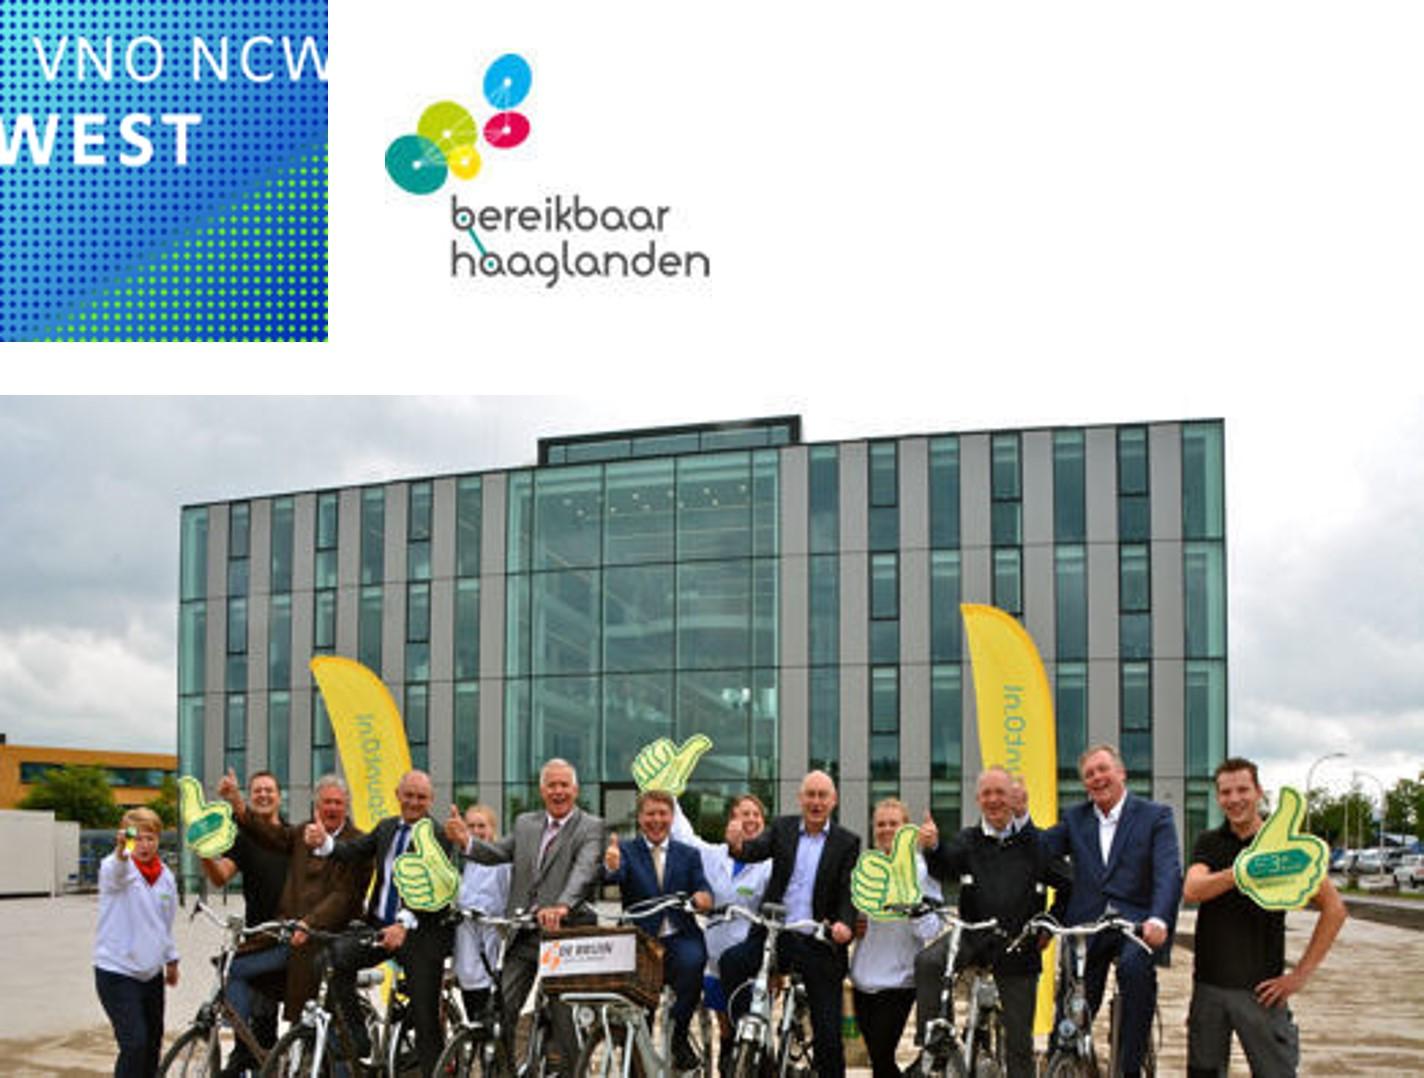 Uitnodiging Bereikbaar Haaglanden: Samen werken aan bereikbaarheid – 12 oktober '17